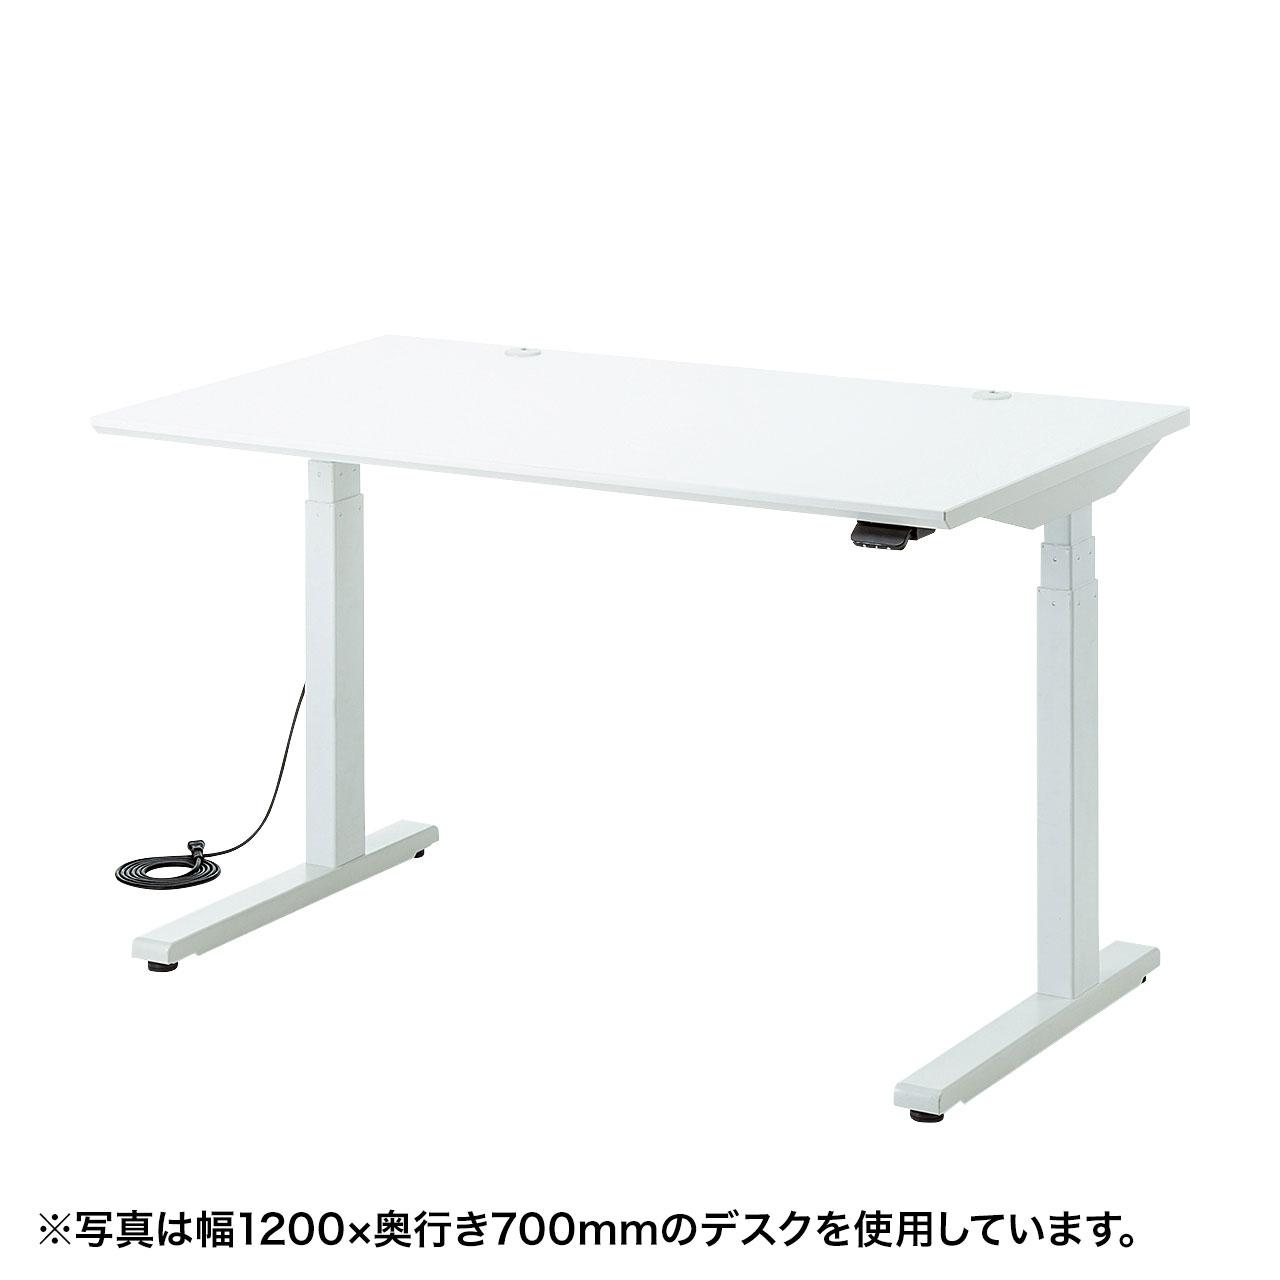 電動上下昇降デスク(W1000×D700mm・ホワイト)商品画像